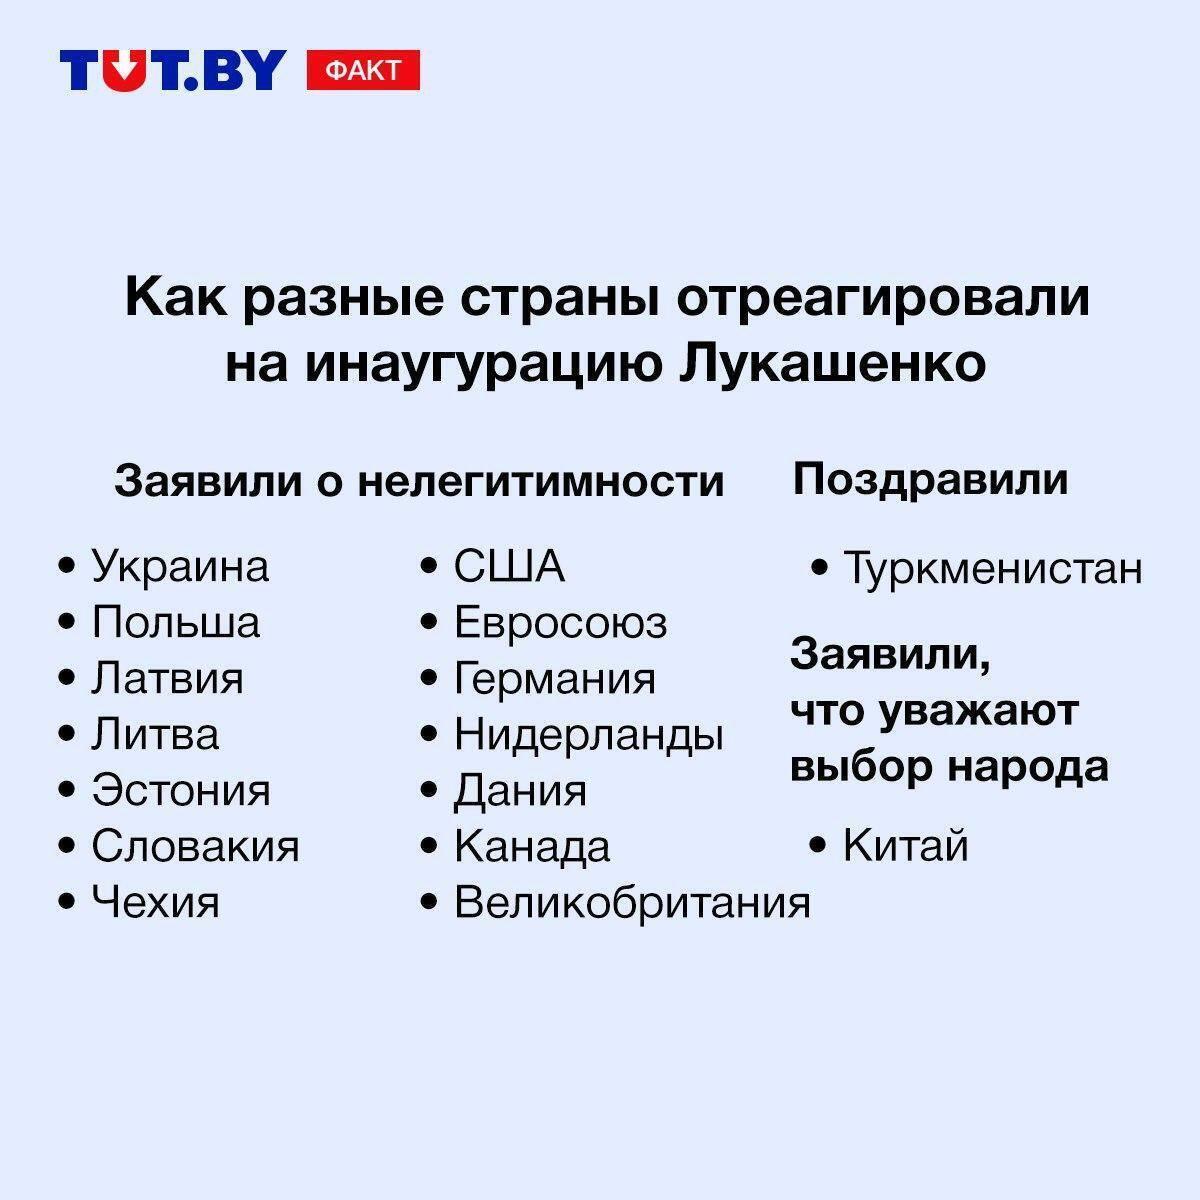 tut.by